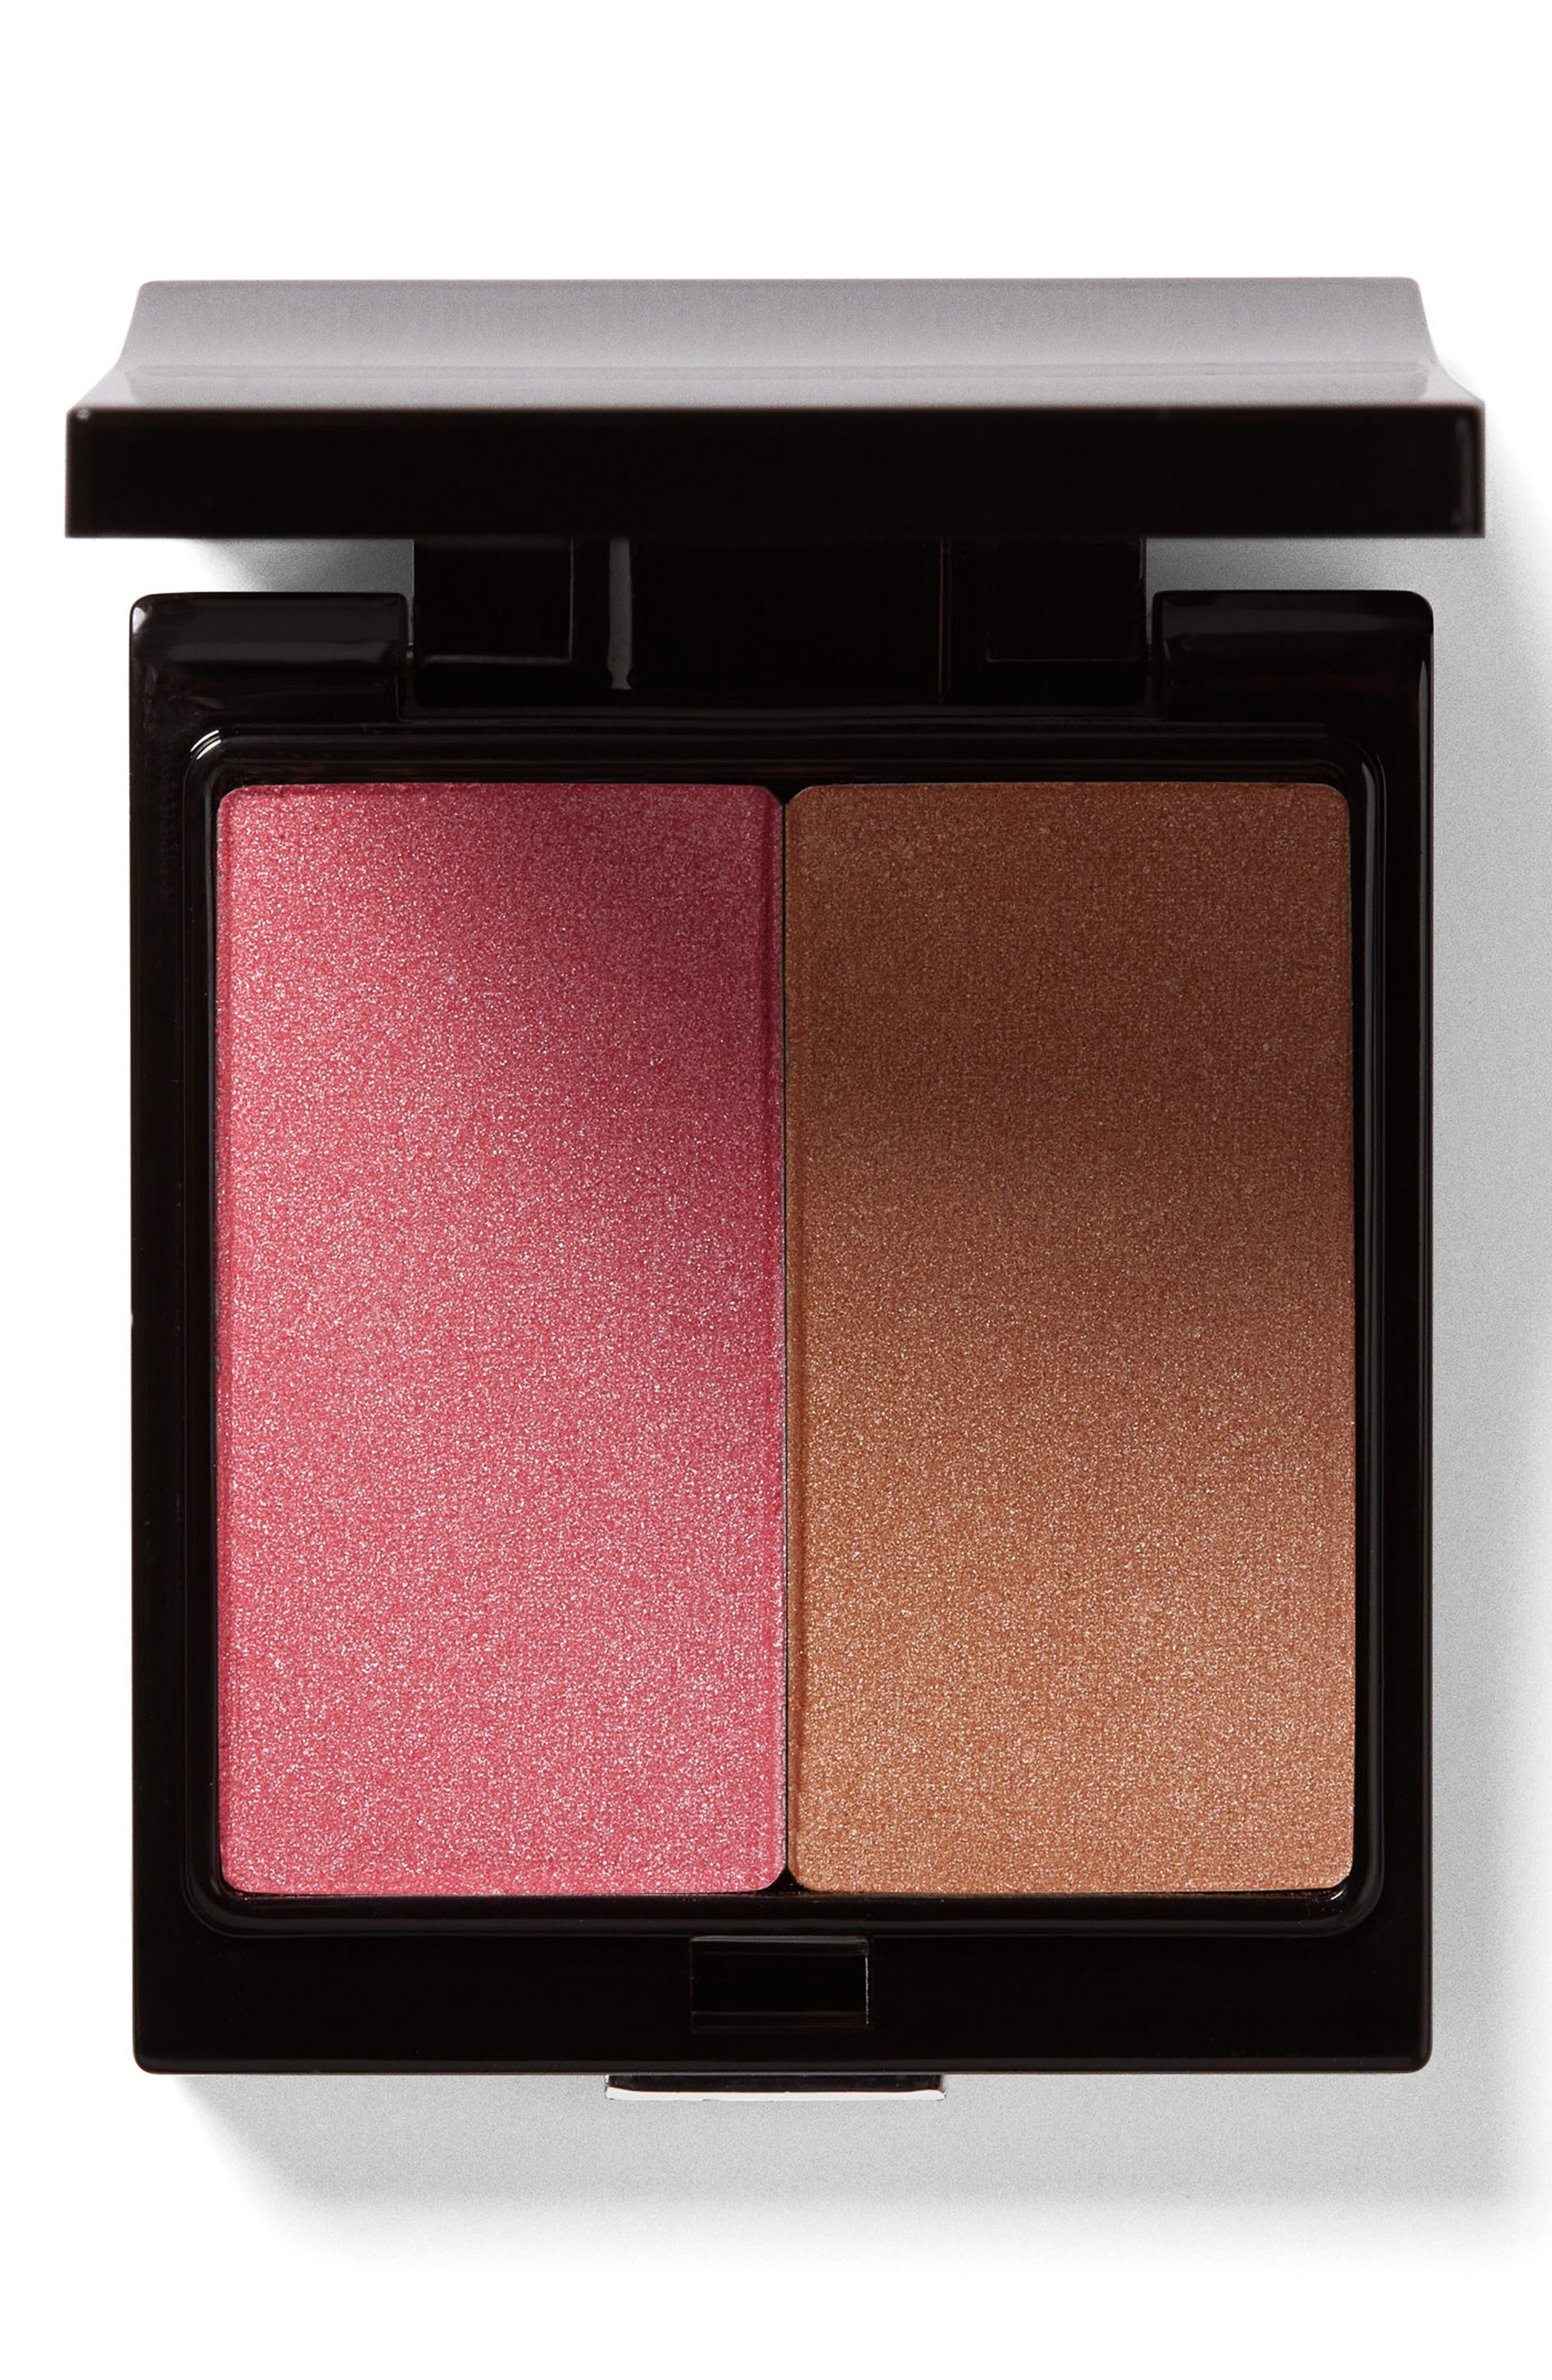 Trish McEvoy Luminous Face Shapers® Powder Palette